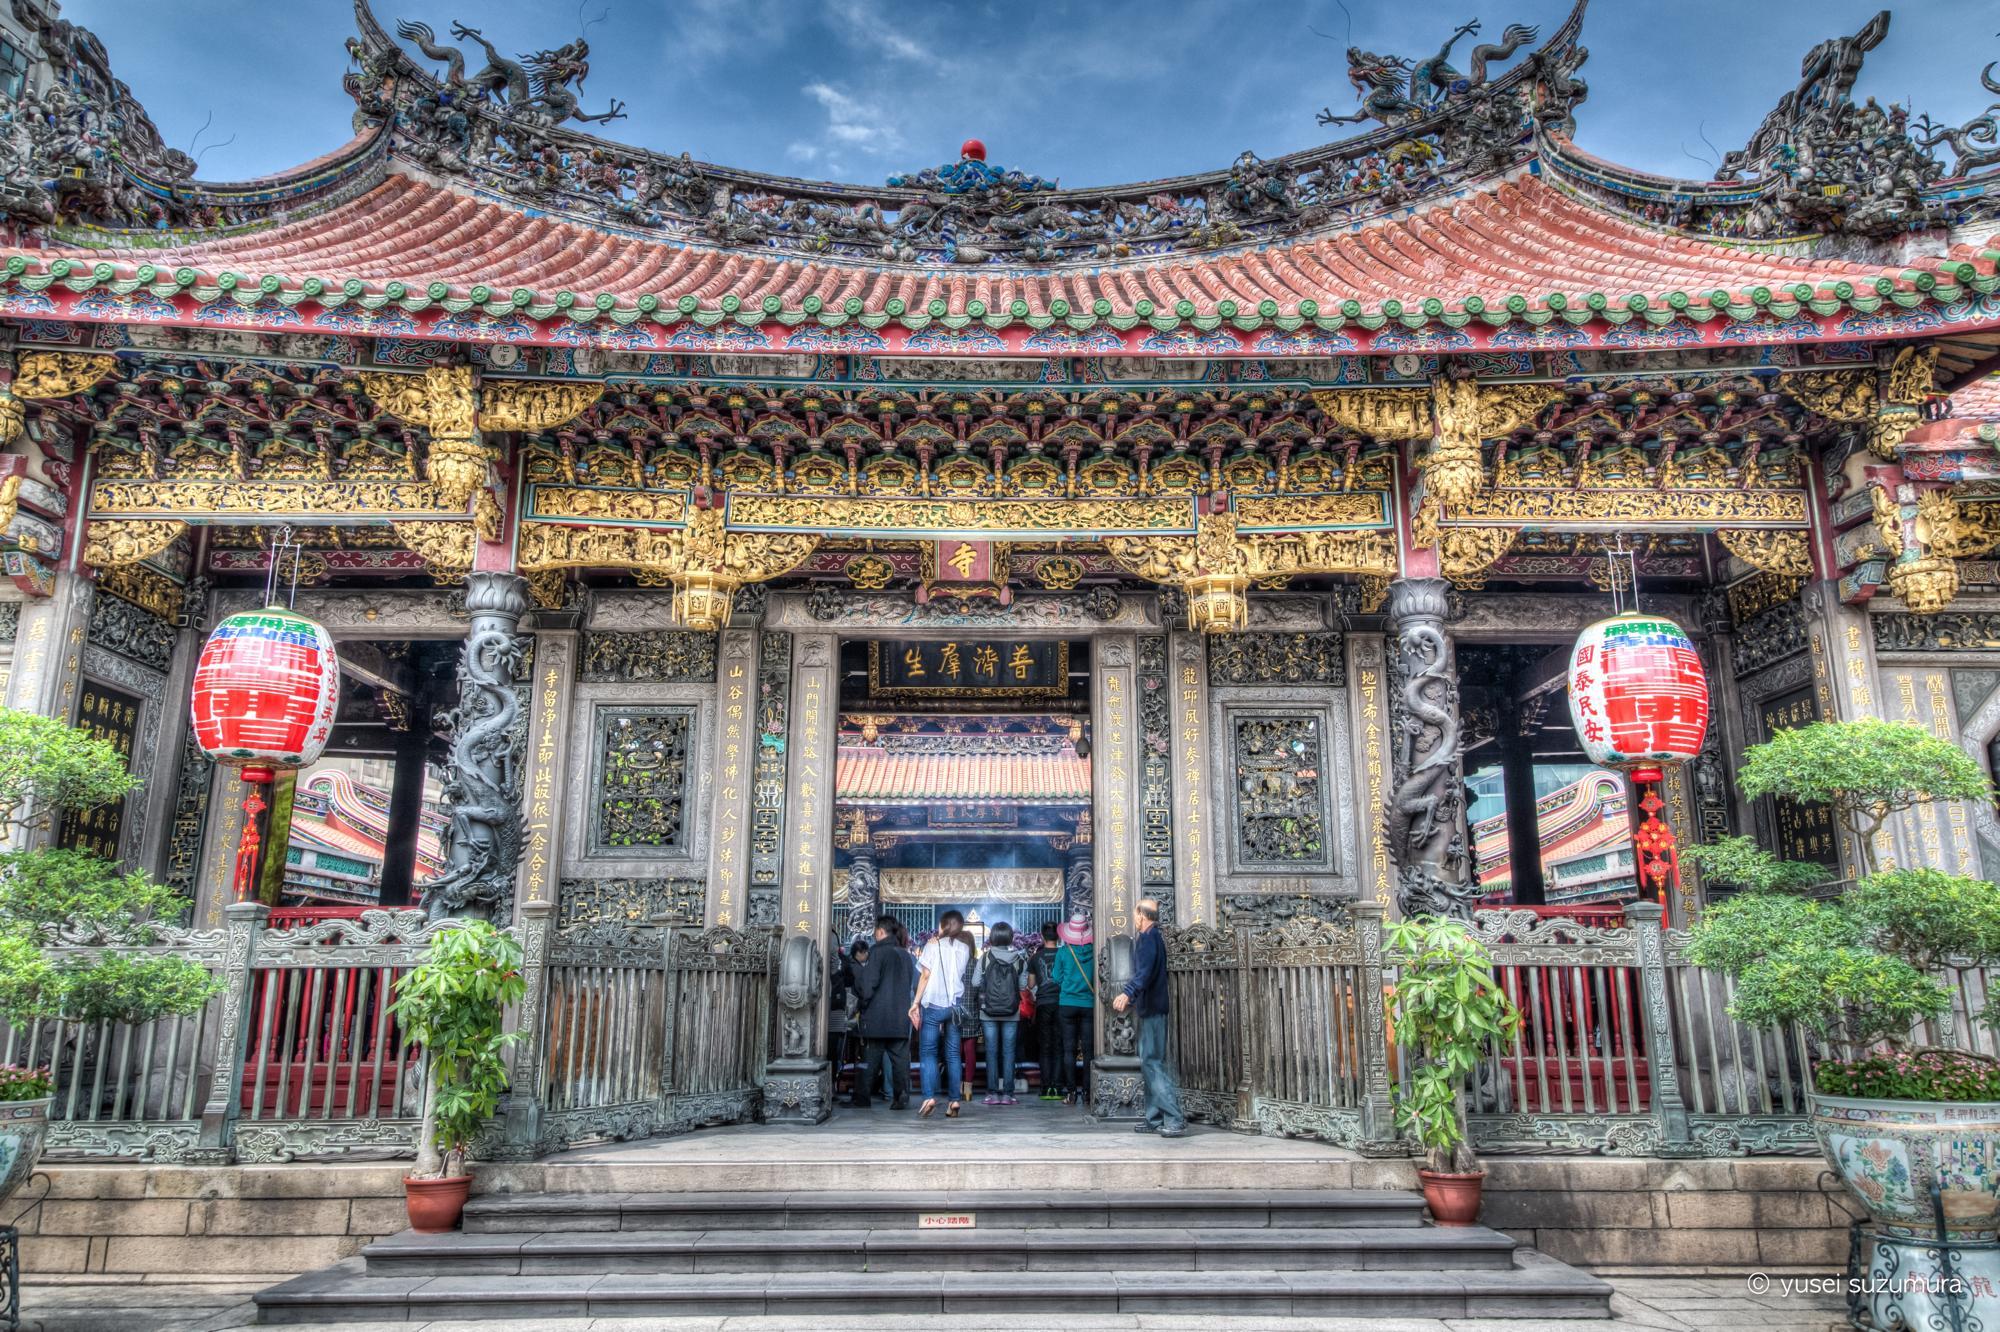 台北市内観光。故宮博物院から衛兵交代式まで満喫!